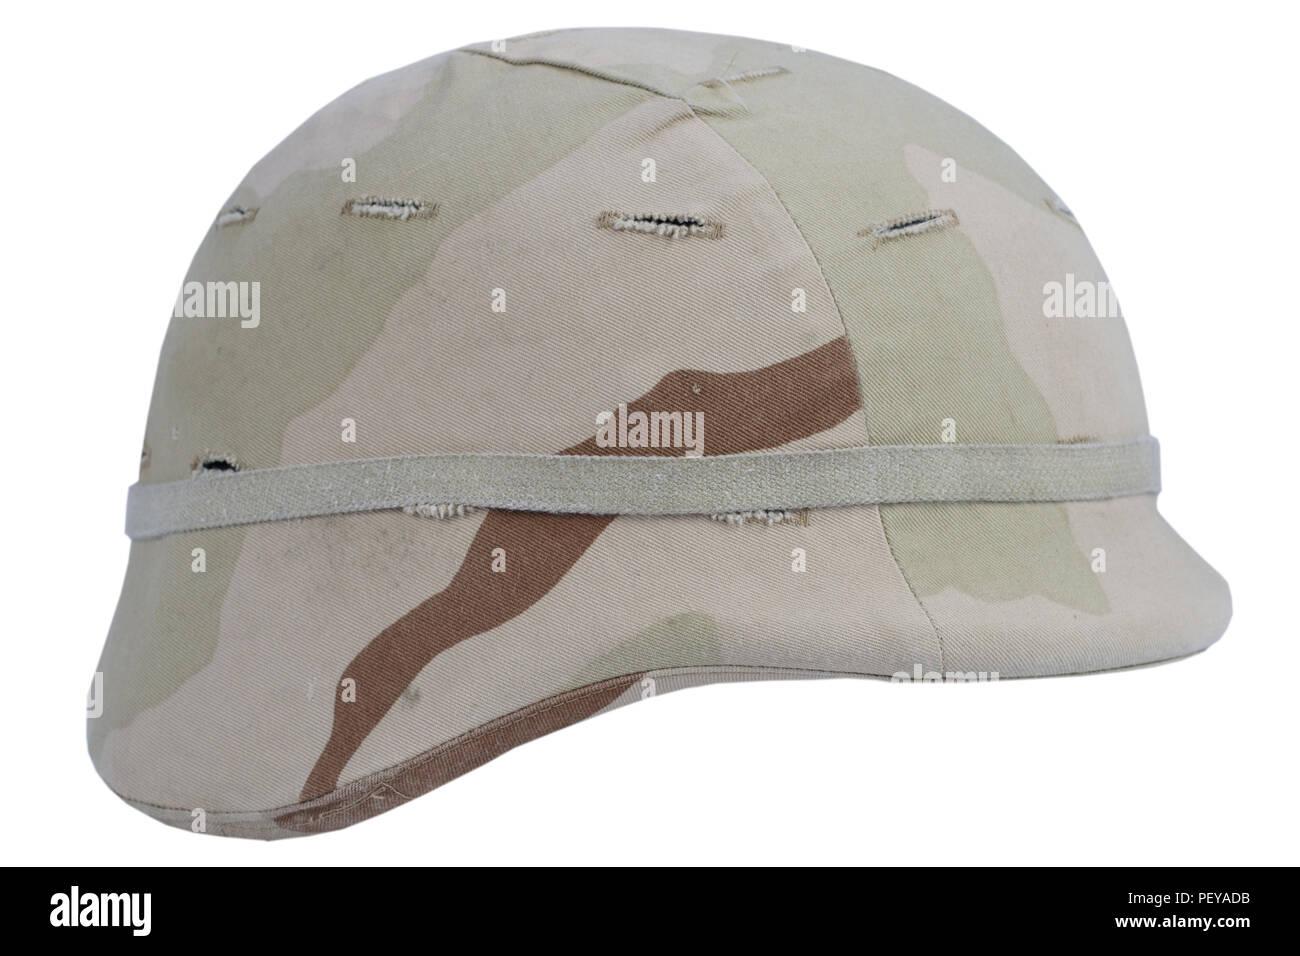 Ejército casco Kevlar con cubierta camoflage aislado sobre fondo blanco. 3b81a6ea9c0